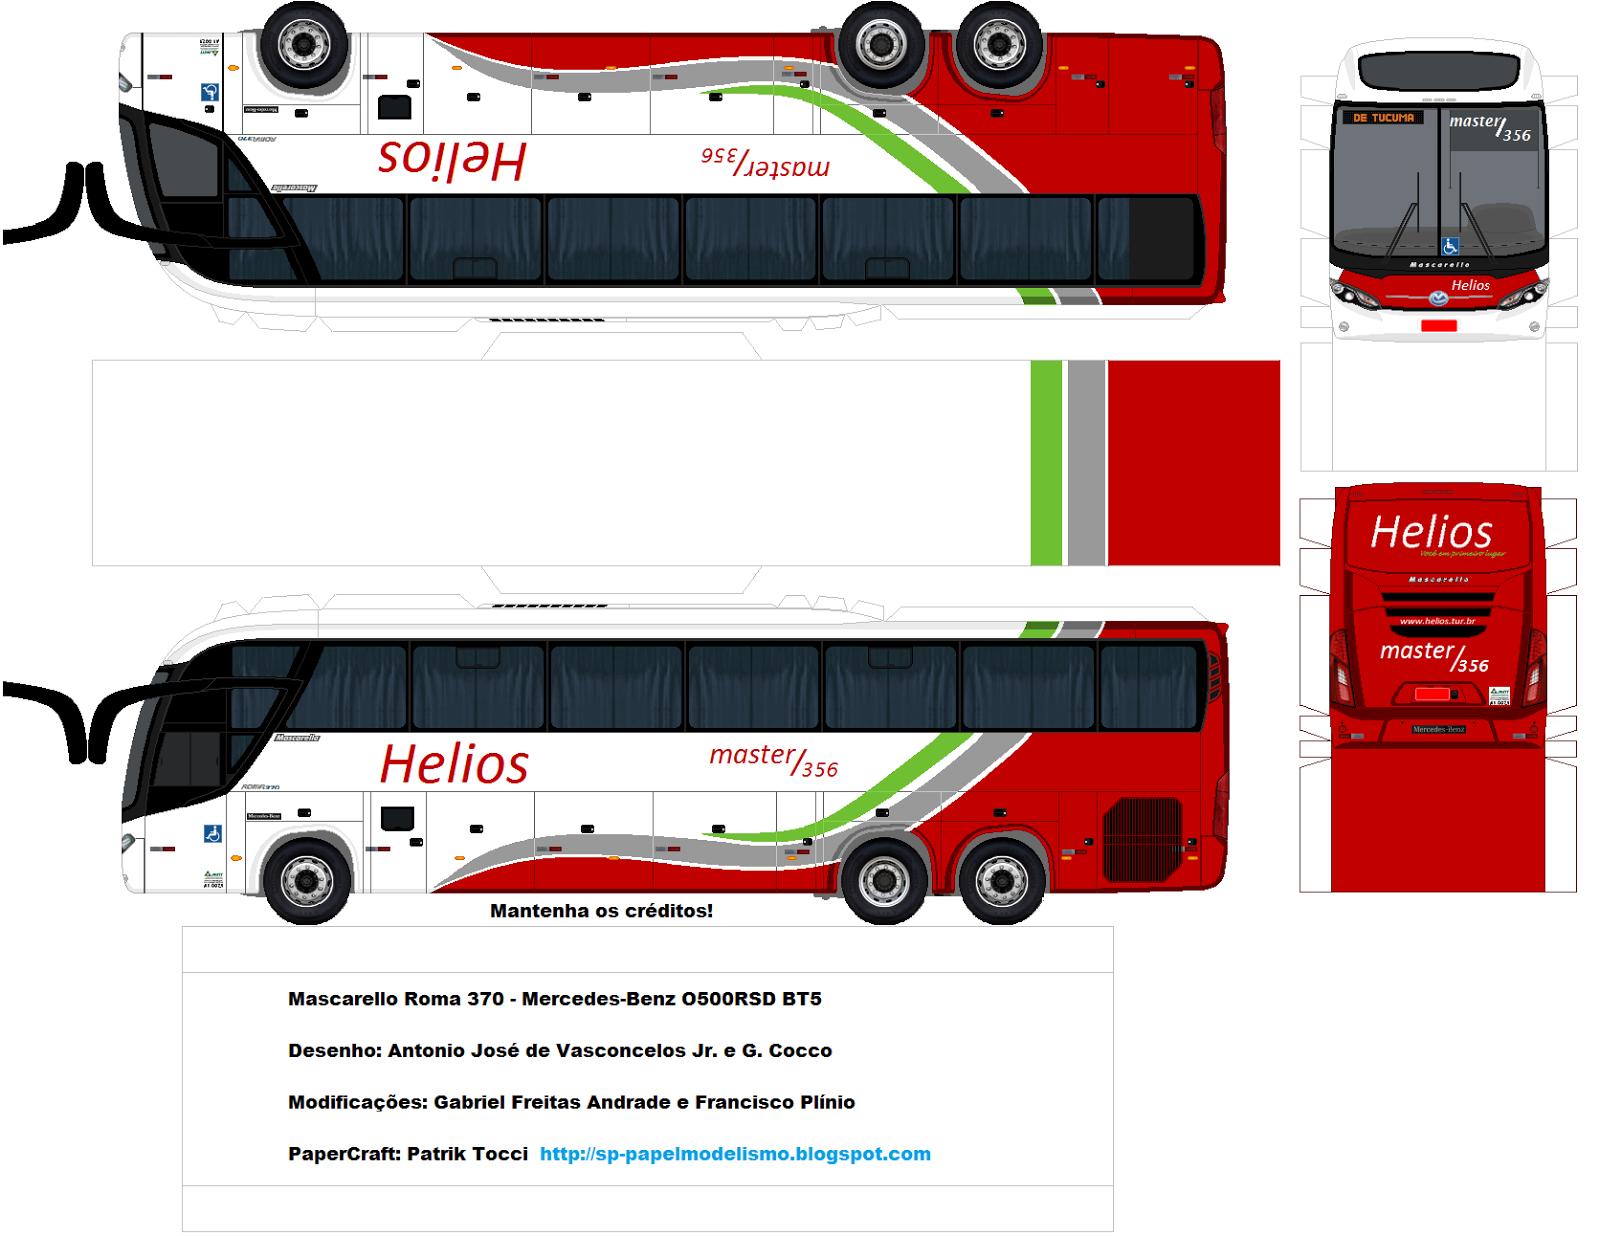 Via C3 A7 C3 A3o Helios Mascarello Roma 370 Mercedes Benz O500rsd Bt5 Png 1600 1236 버스 종이접기